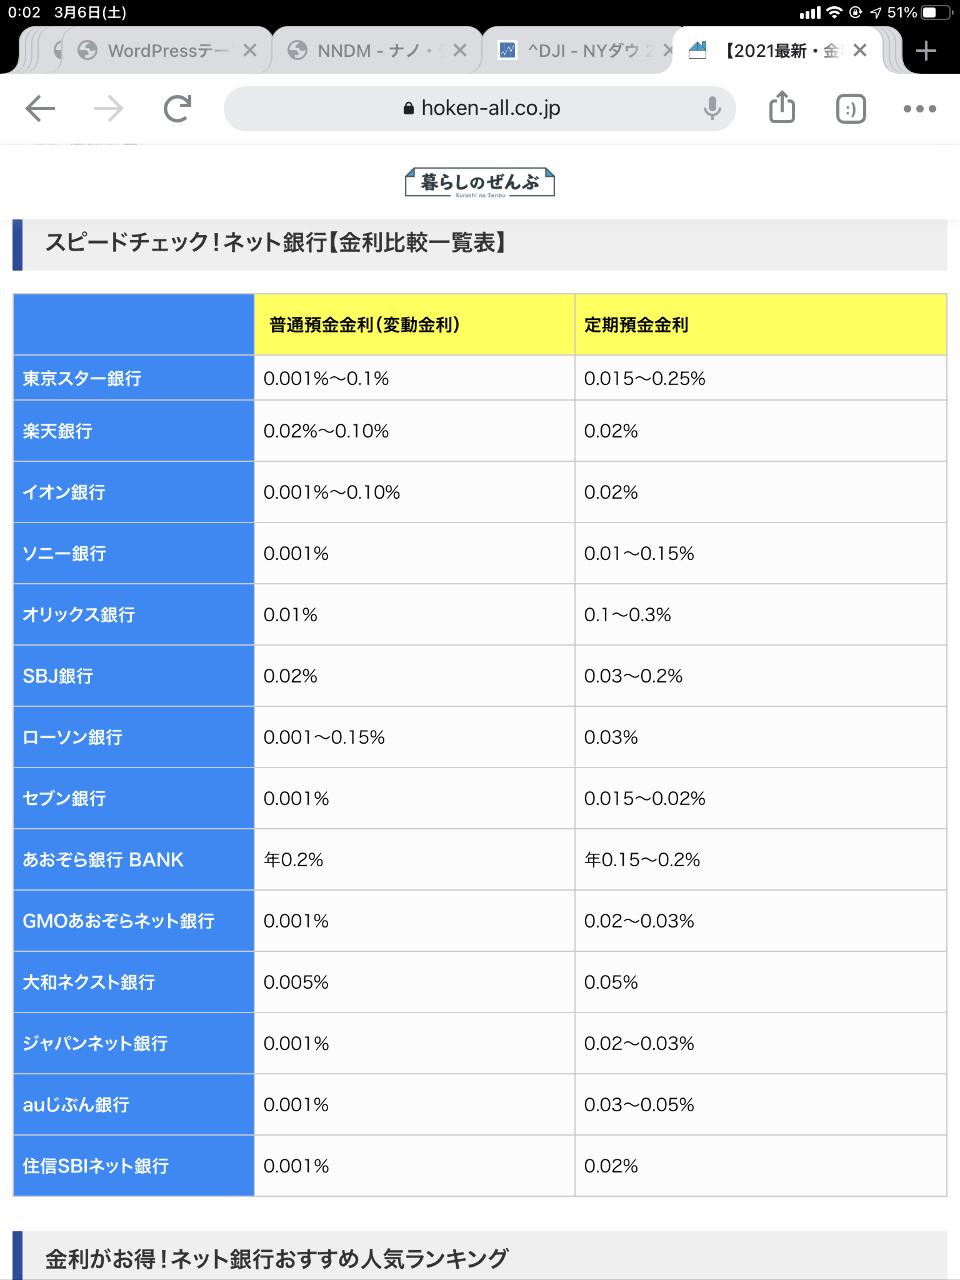 ^DJI - NYダウ 日本の金利は0.01%とかですよね? アメリカの金利は急に1%以上。。 相当やばいんですよね? とい